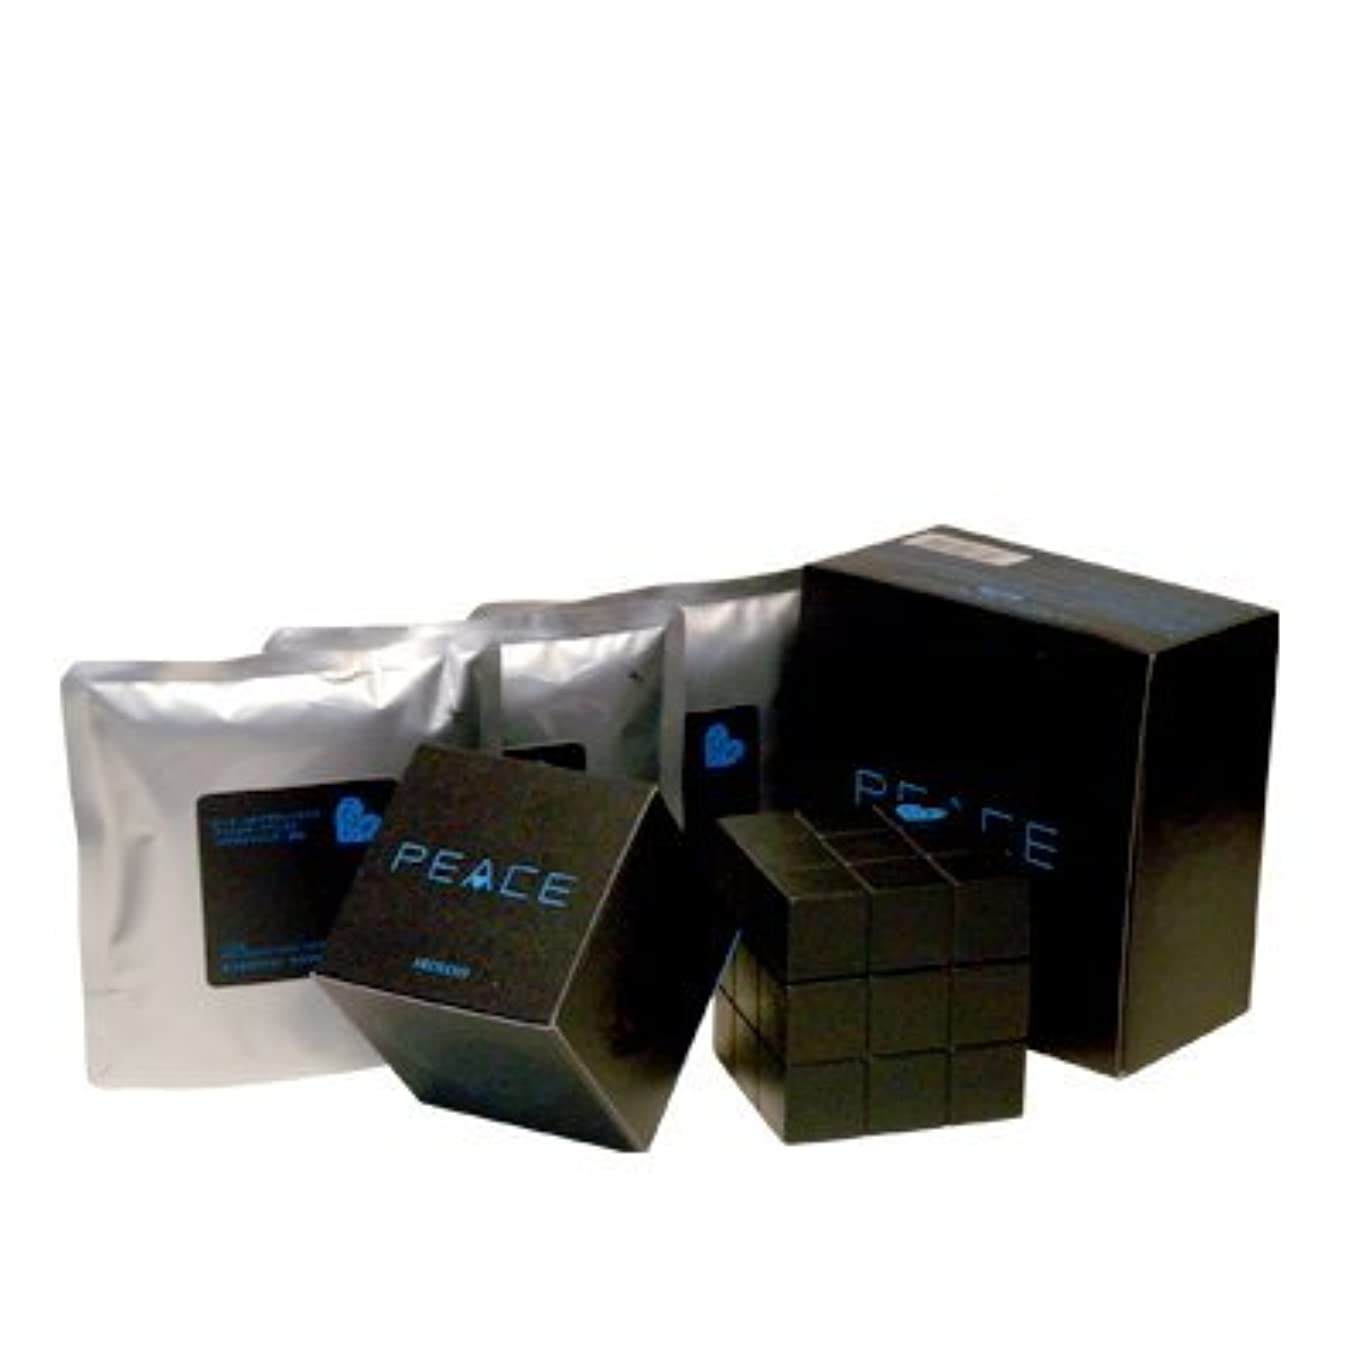 優勢気怠い友情アリミノ ピース プロデザインシリーズ フリーズキープワックス ブラック80g+詰め替え80g×3